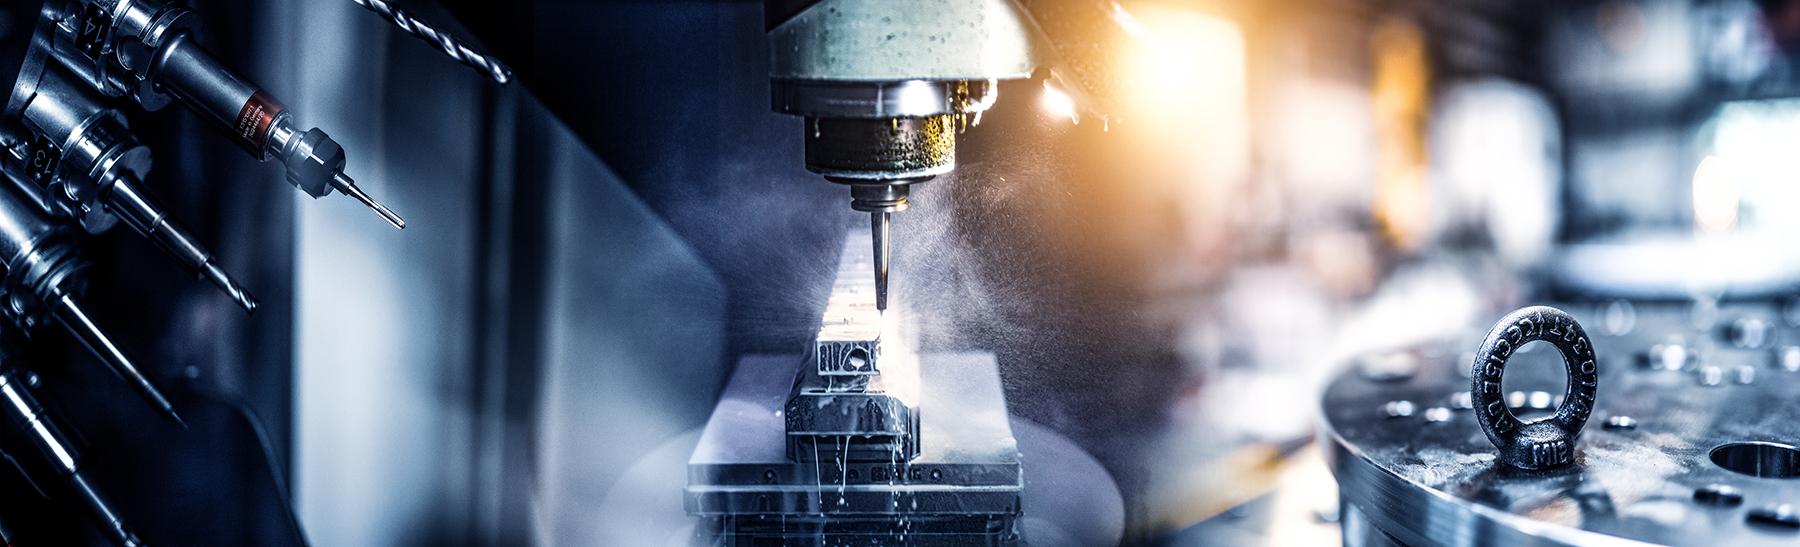 Experten für Maschinenbauteile